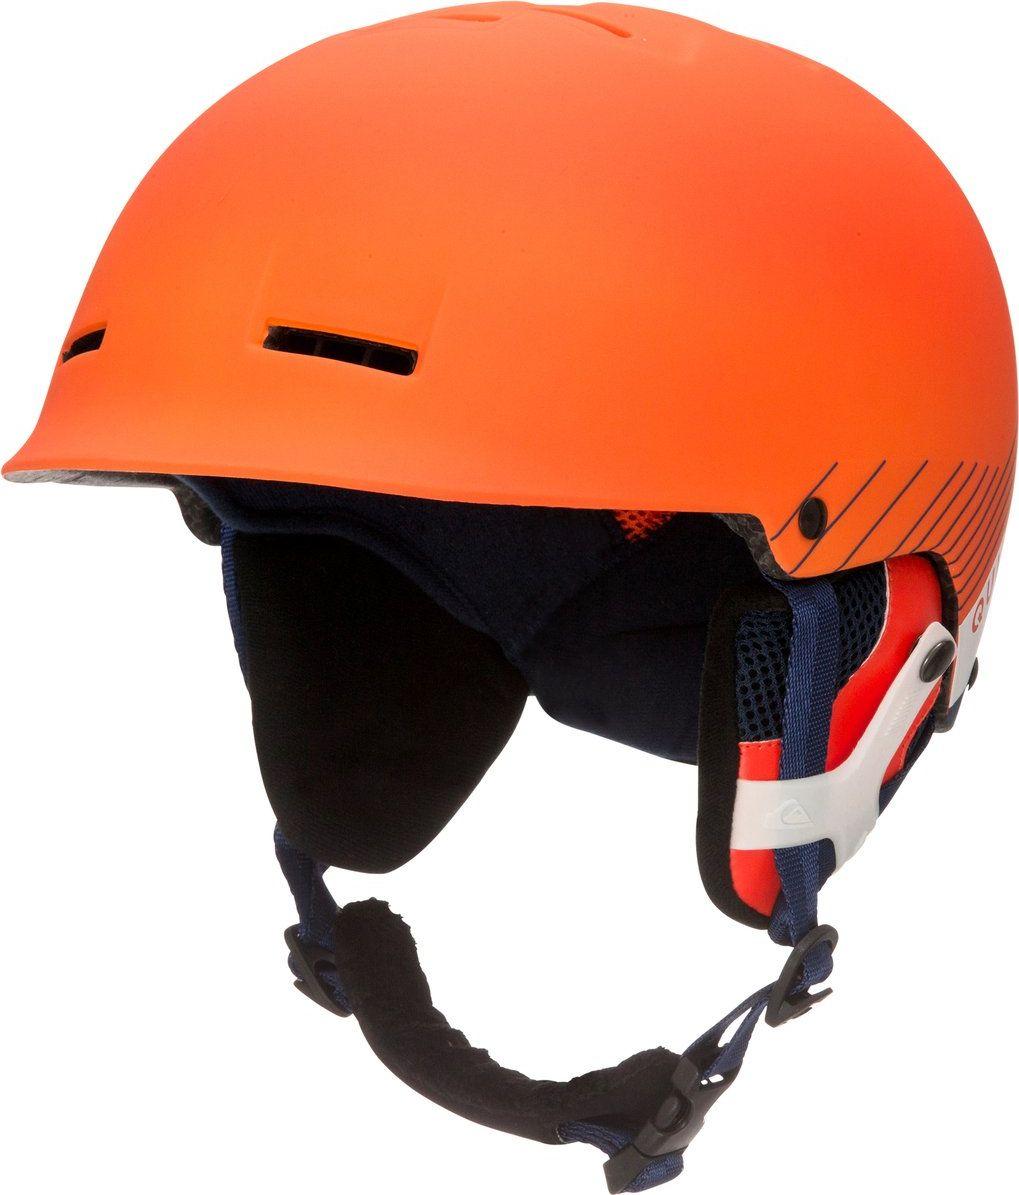 Сноубордический шлем Quiksilver Fusion, цвет: оранжевый. Размер 56/58EQYTL03019-NMS0Основной материал шлема Quiksilver Fusion: двойной микрошелл + сверхлегкая литая конструкция.Безопасность: ударопоглощающий пенный полимер EPS.Фронтальная и верхняя вентиляция.Подкладка из сетки и флиса.Мягкие термоформованные съемные накладки на уши.Стреп на подбородок: выполнен из мягкой шерпыВес: 350 г.